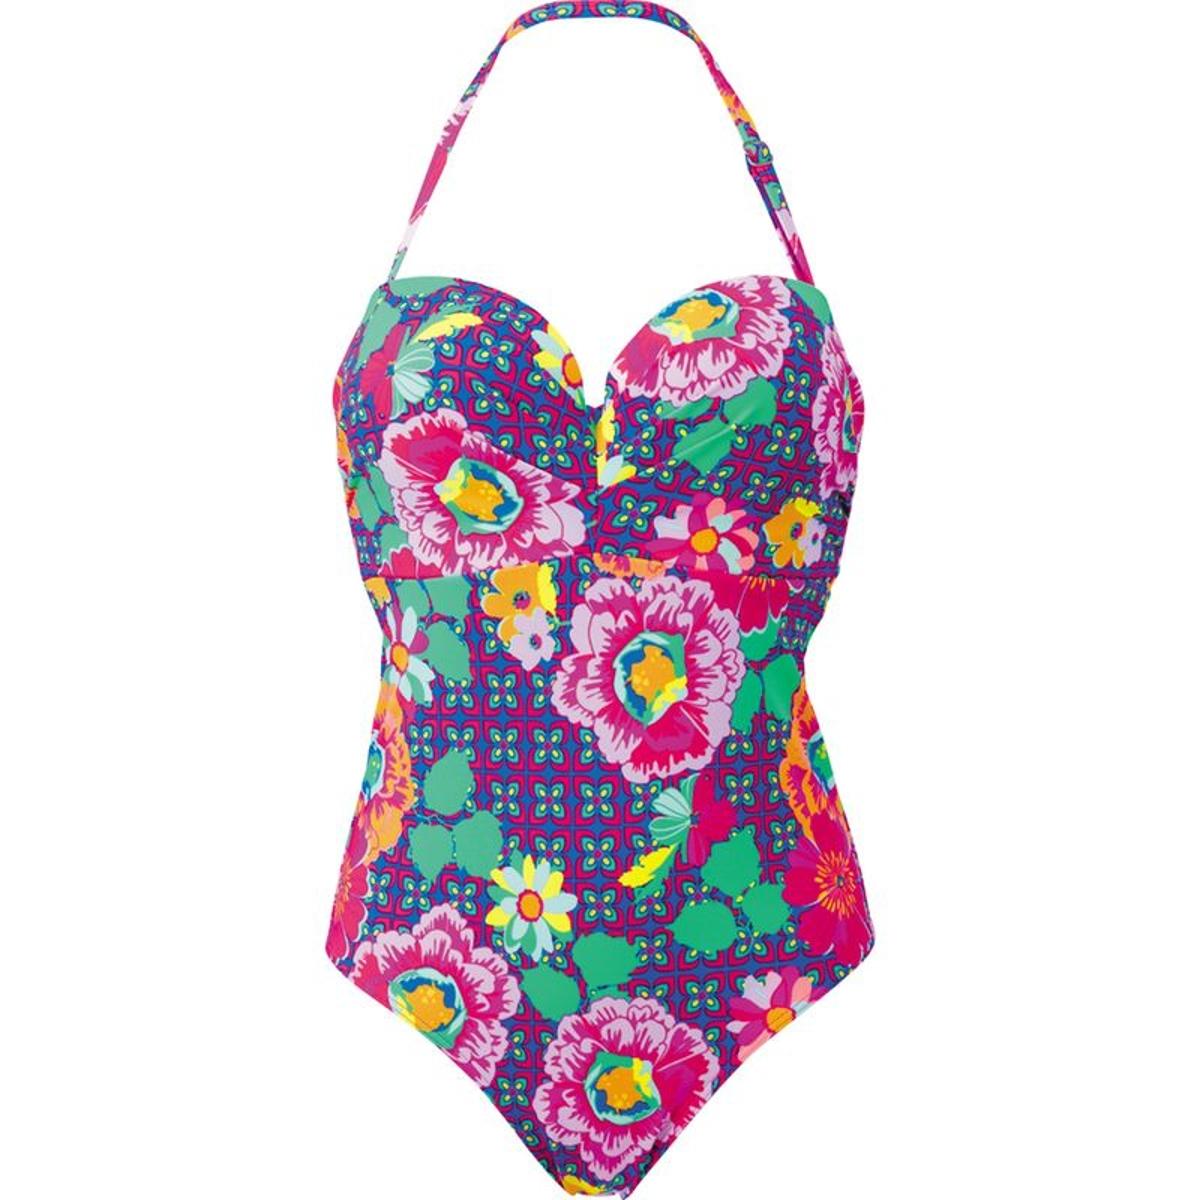 Maillot de bain une pièce bandeau à armatures Audelle SUN KISS pink multi 95 F